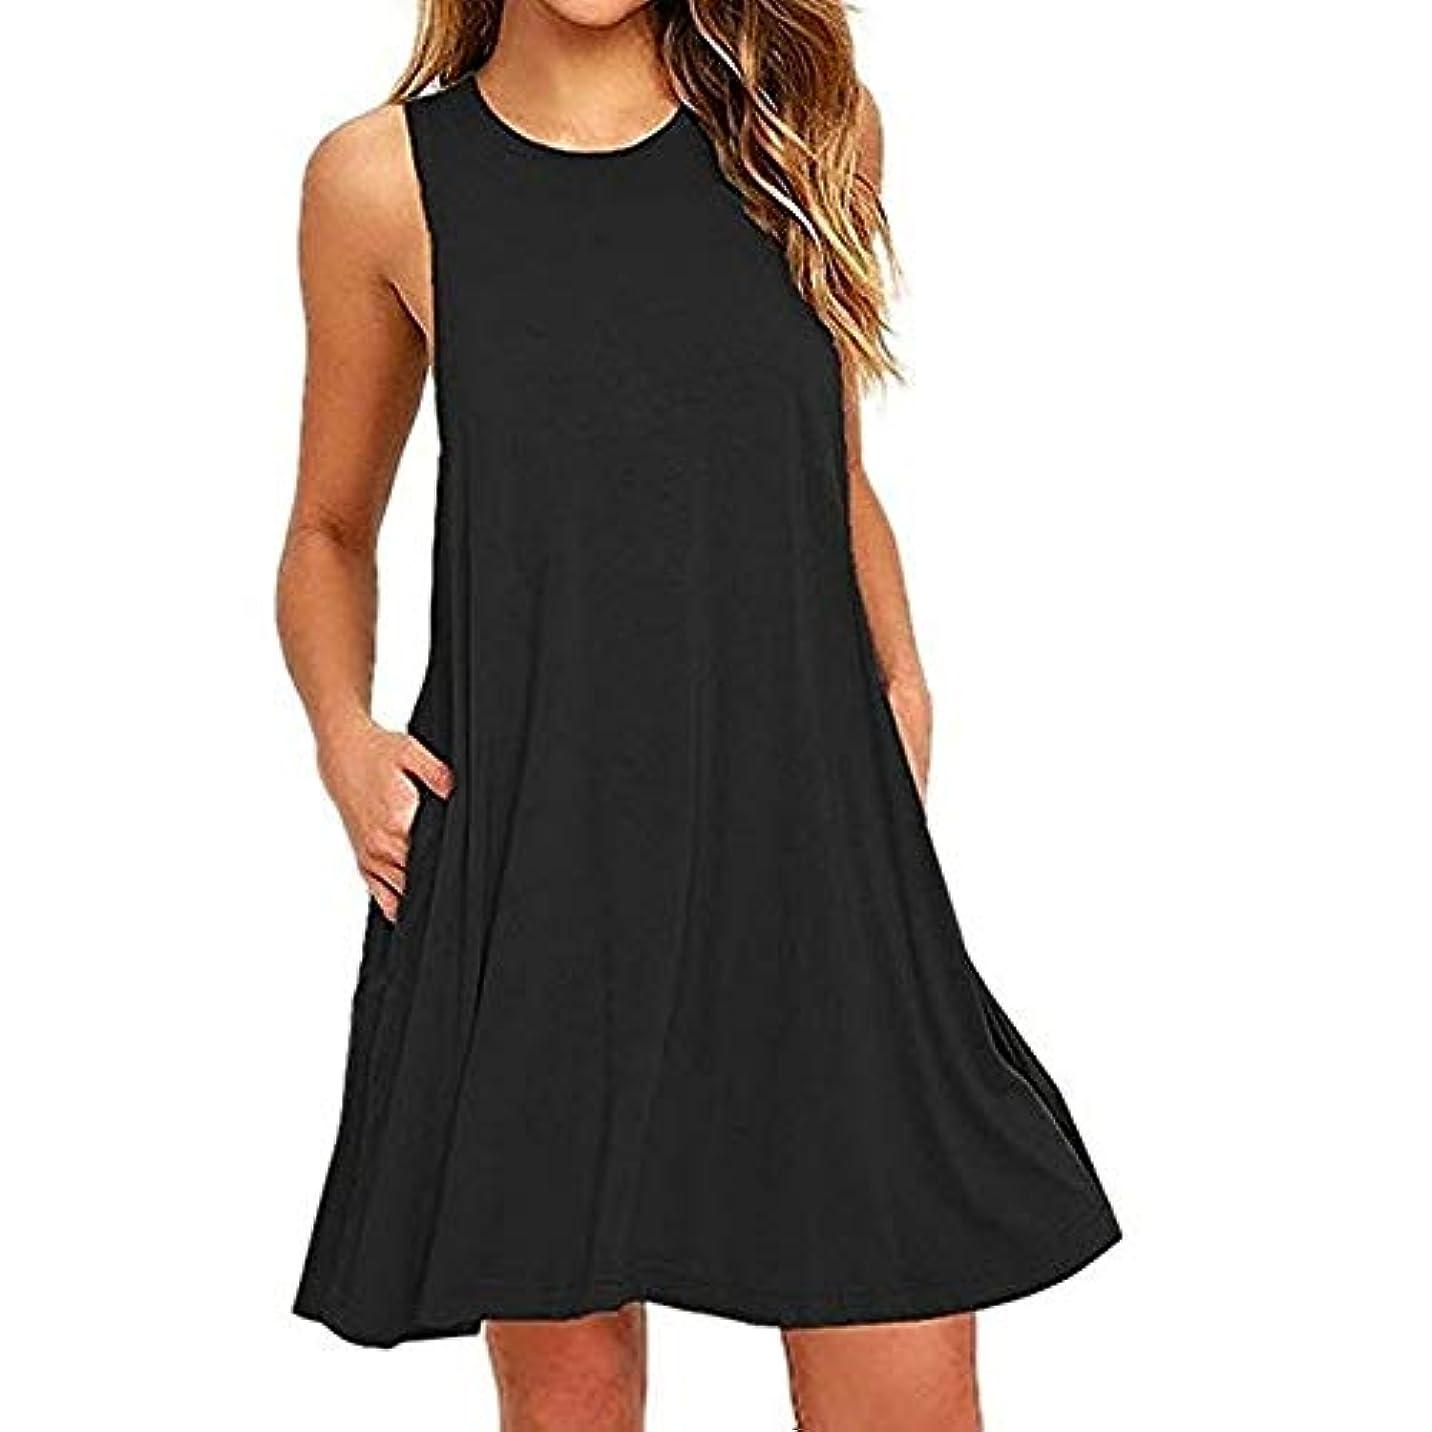 責任者知覚的剥ぎ取るMIFAN 人の女性のドレス、プラスサイズのドレス、ノースリーブのドレス、ミニドレス、ホルタードレス、コットンドレス